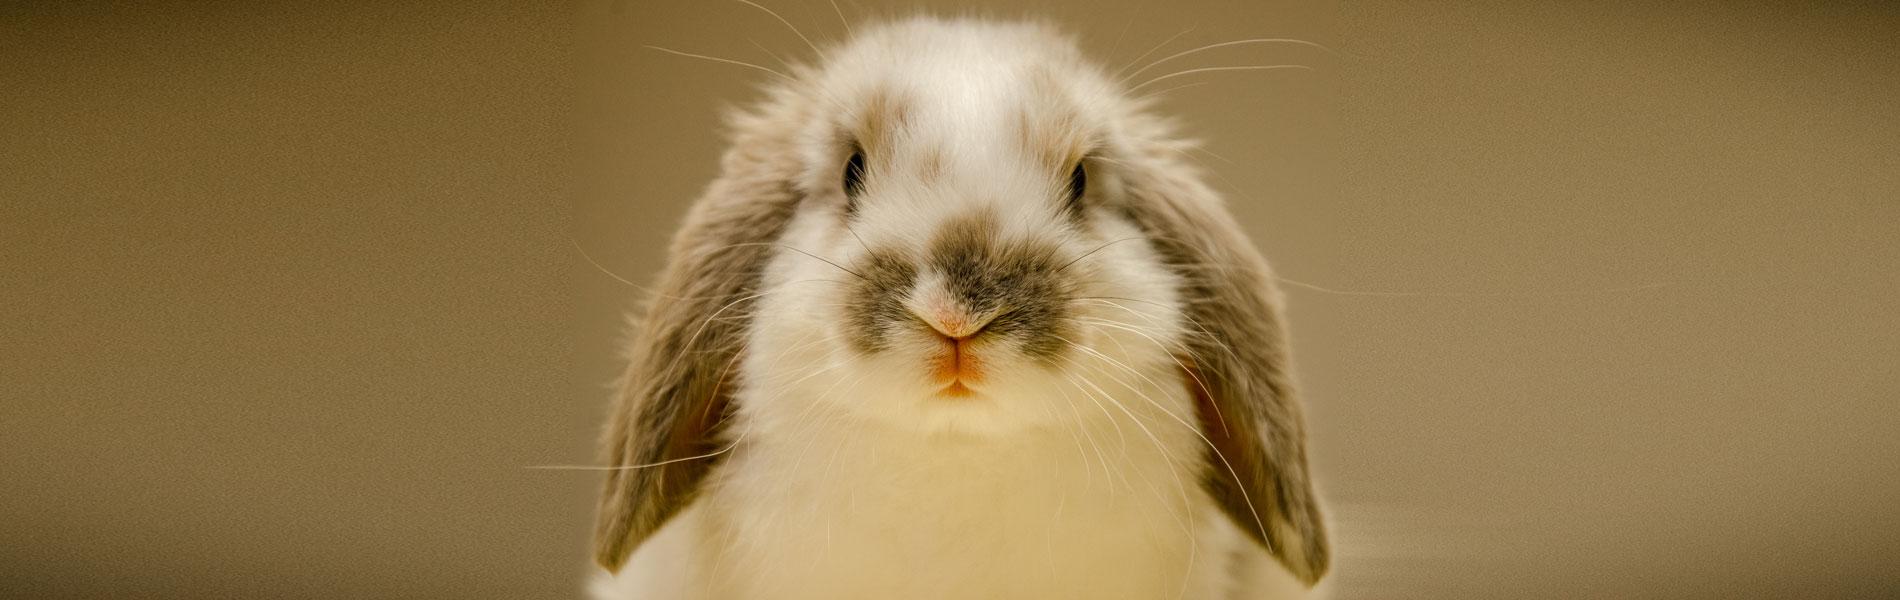 Info over operaties bij konijnen en knaagdieren